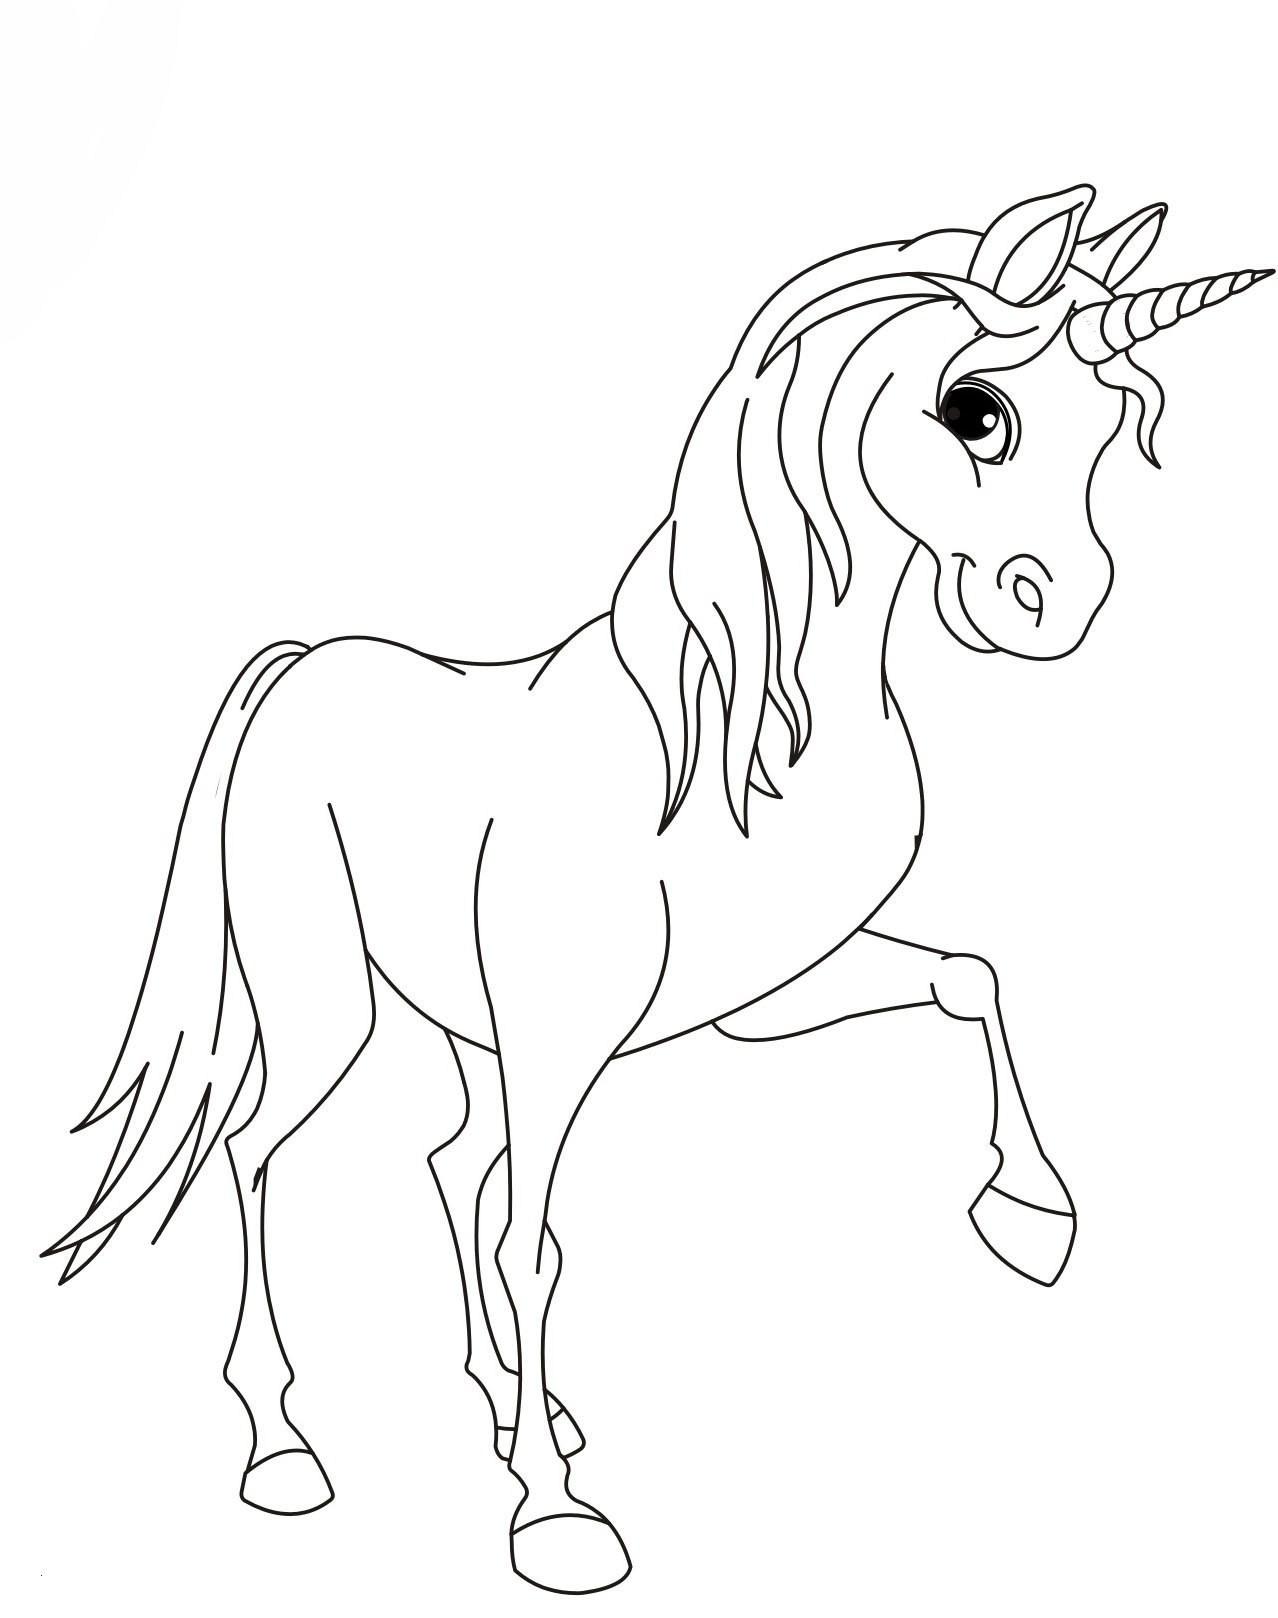 Pegasus Zum Ausmalen Das Beste Von Ausmalbilder Einhorn Pegasus Luxus Filly Mermaids Ausmalbilder Zum Galerie